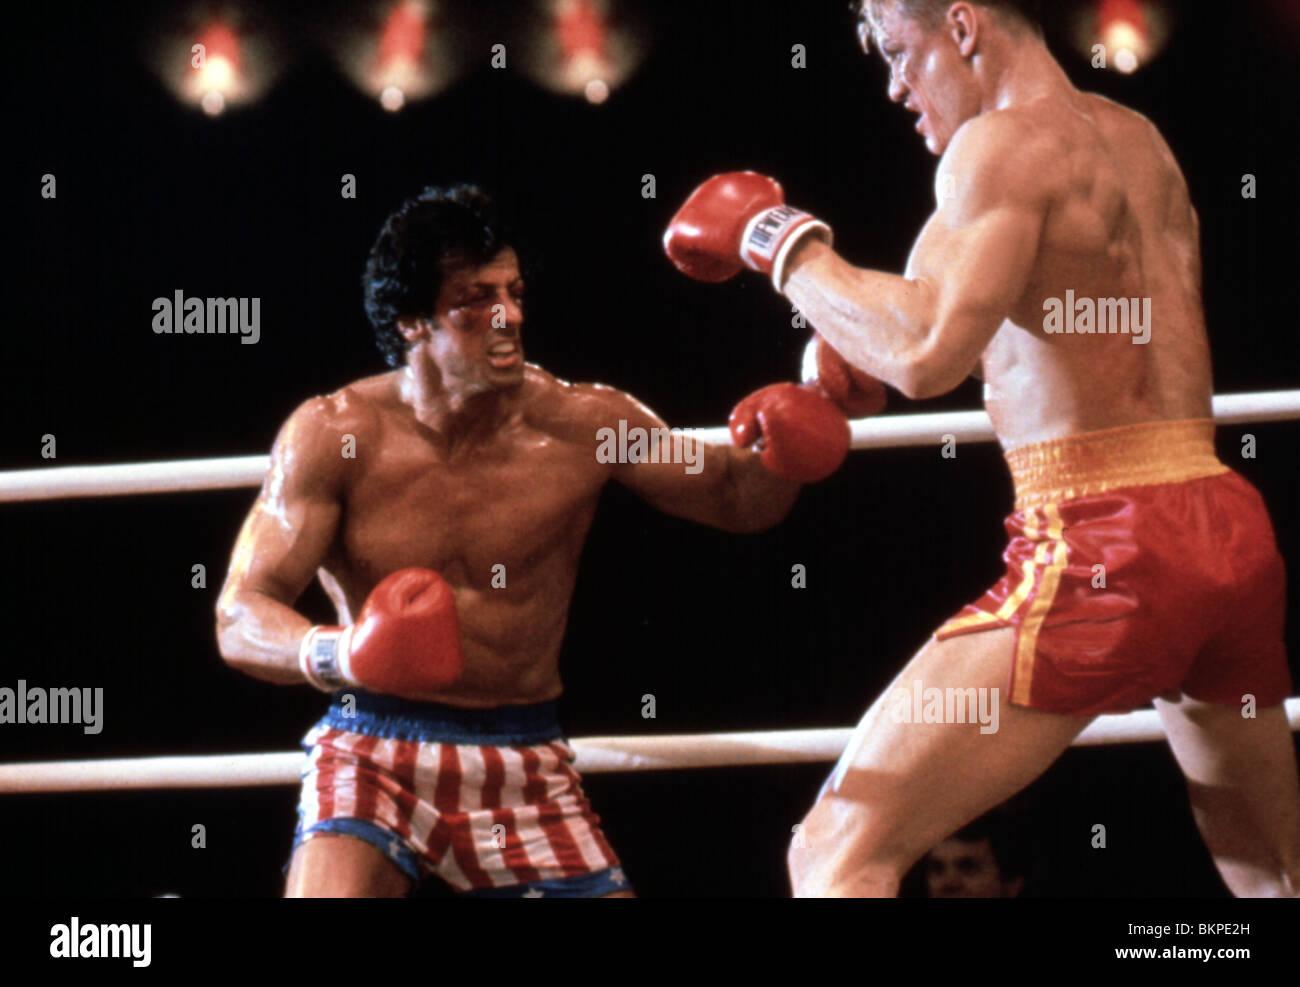 ROCKY IV (1985) SYLVESTER STALLONE, DOLPH LUNDGREN RK4 082 - Stock Image